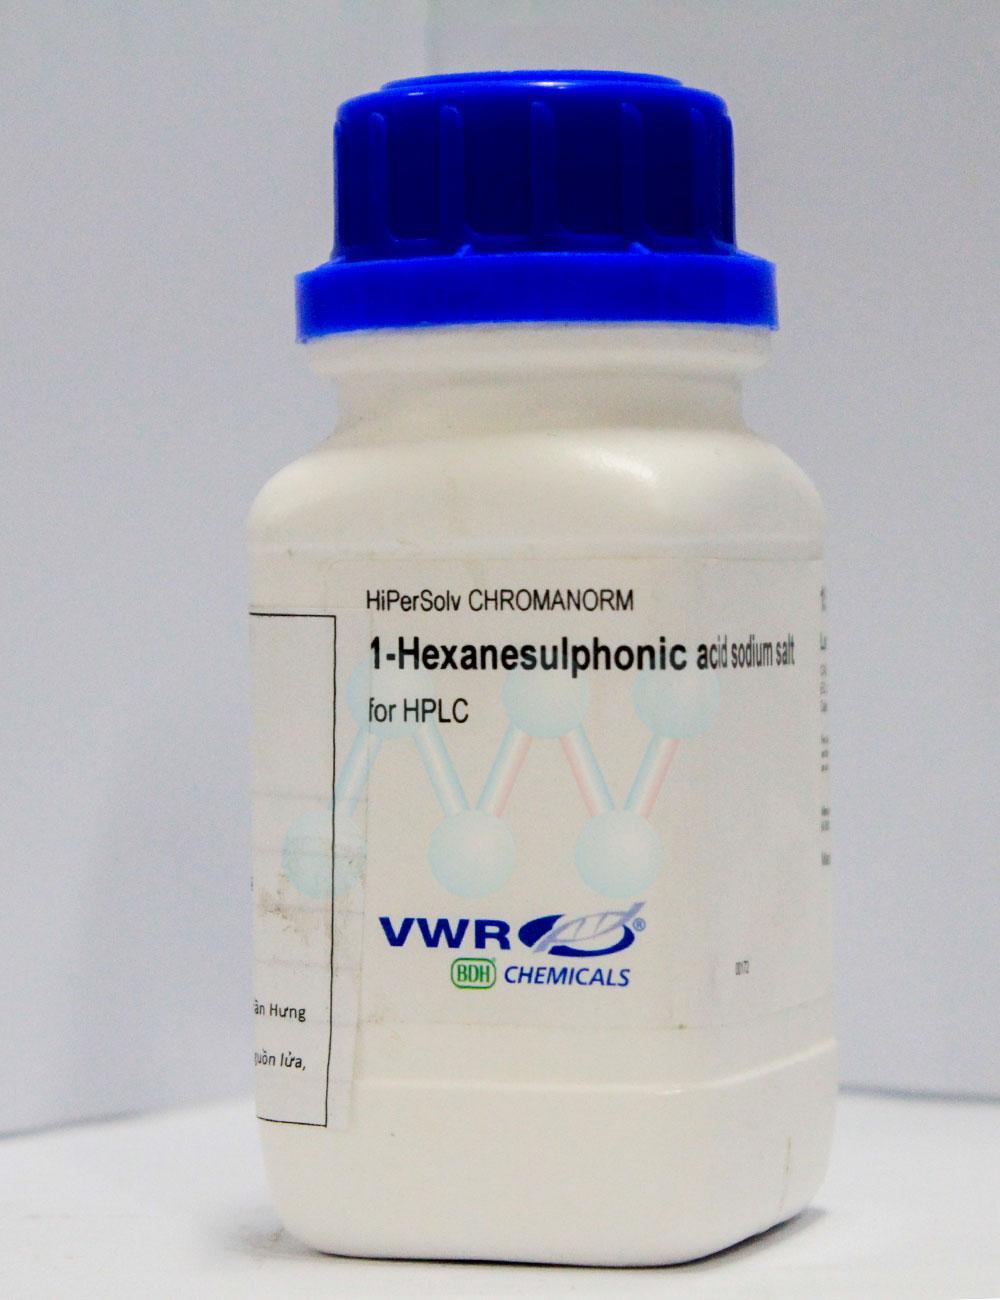 1-Hexanesulphonic acid sodium salt C6H13O3SNa